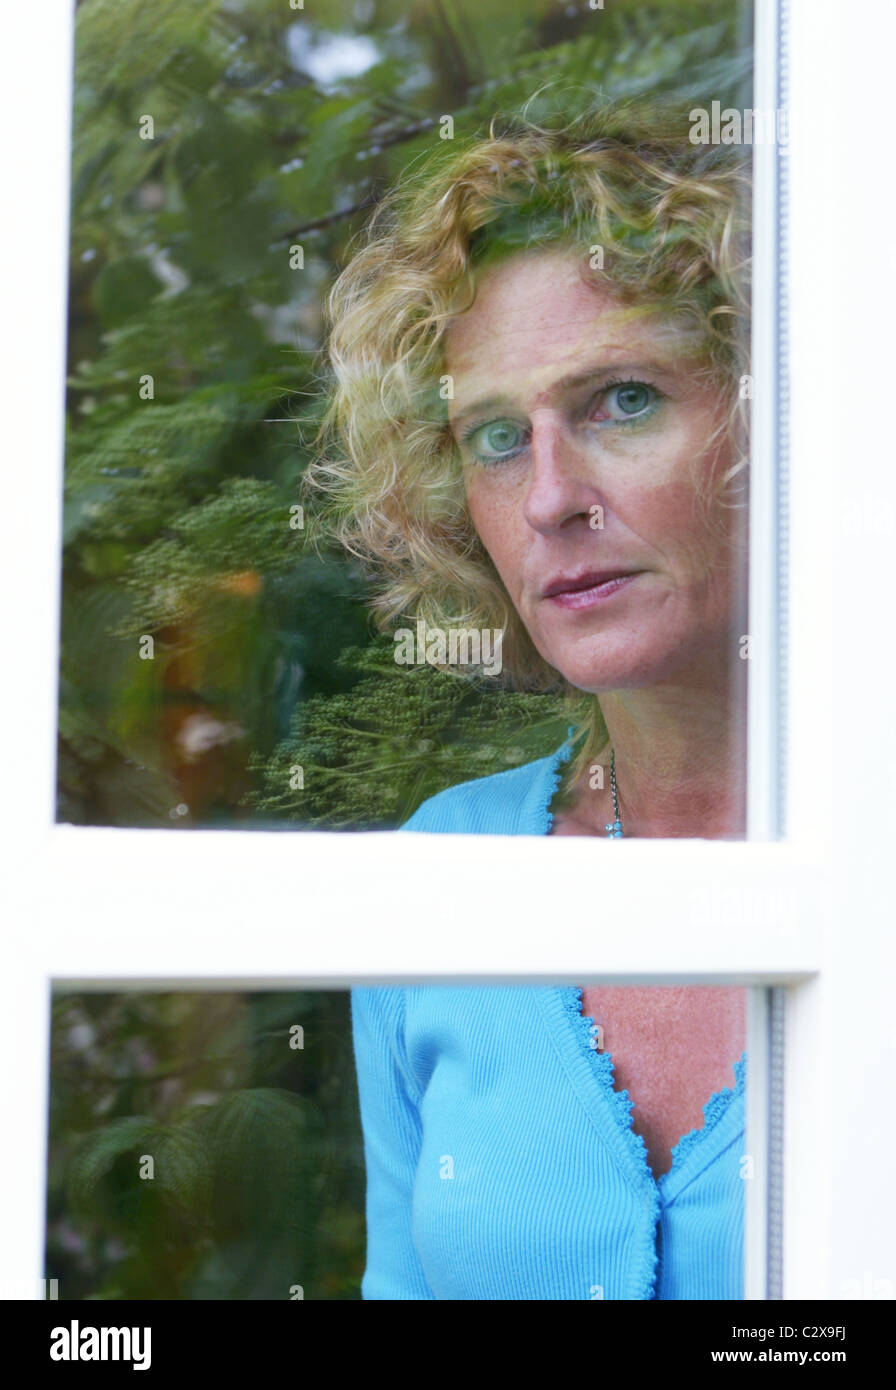 Solitaria, sospechosa o miedo adulto mirando hacia afuera de la ventana Foto de stock